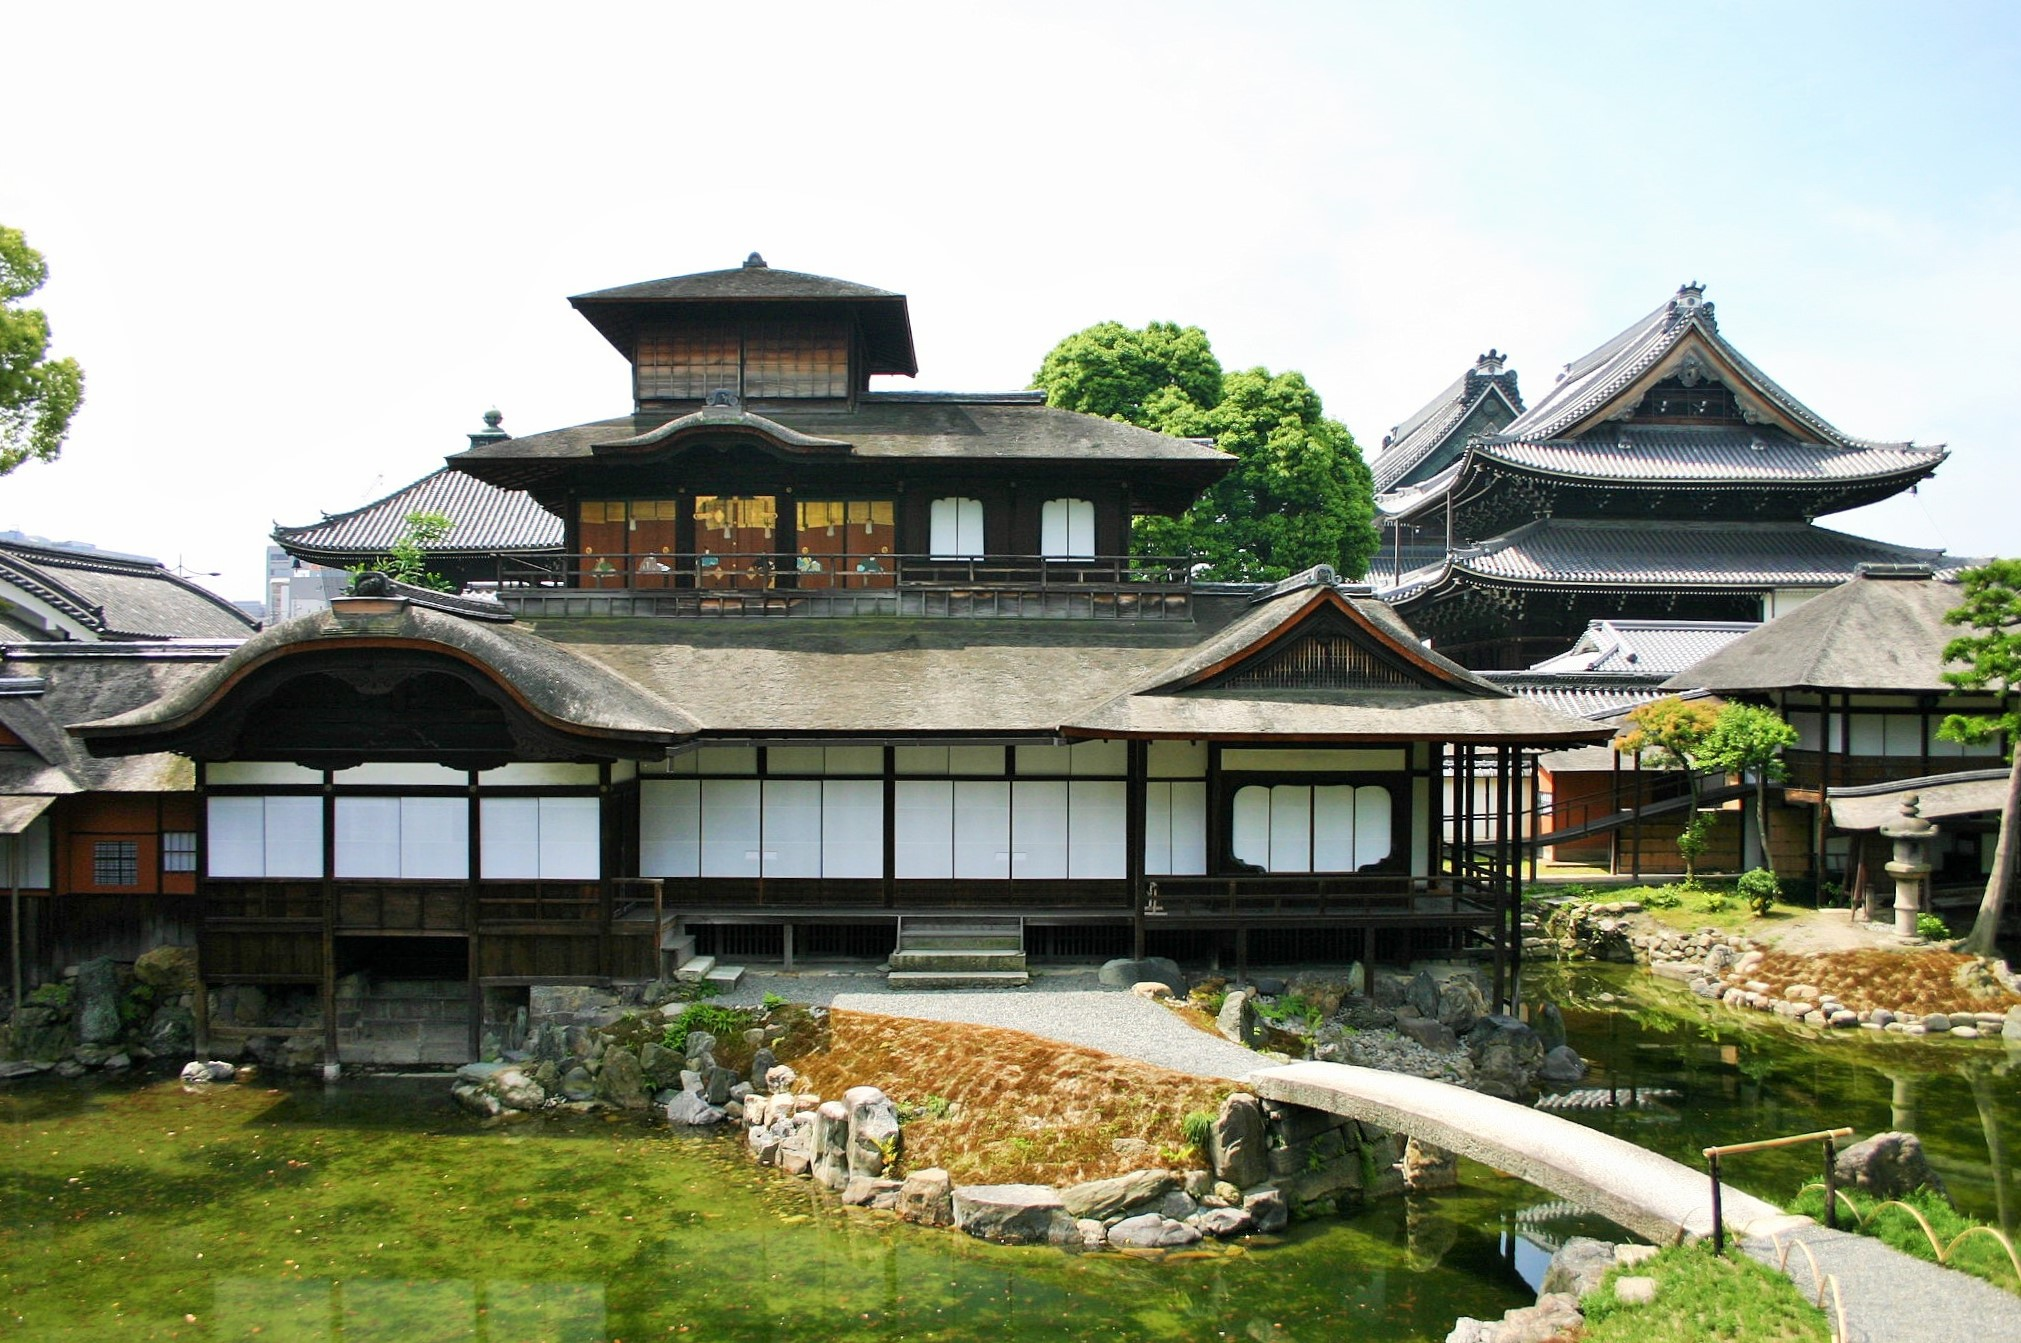 写真・図版 : 西本願寺の国宝・飛雲閣。金閣、銀閣とともに京都三名閣とされる=京都市、筆者撮影